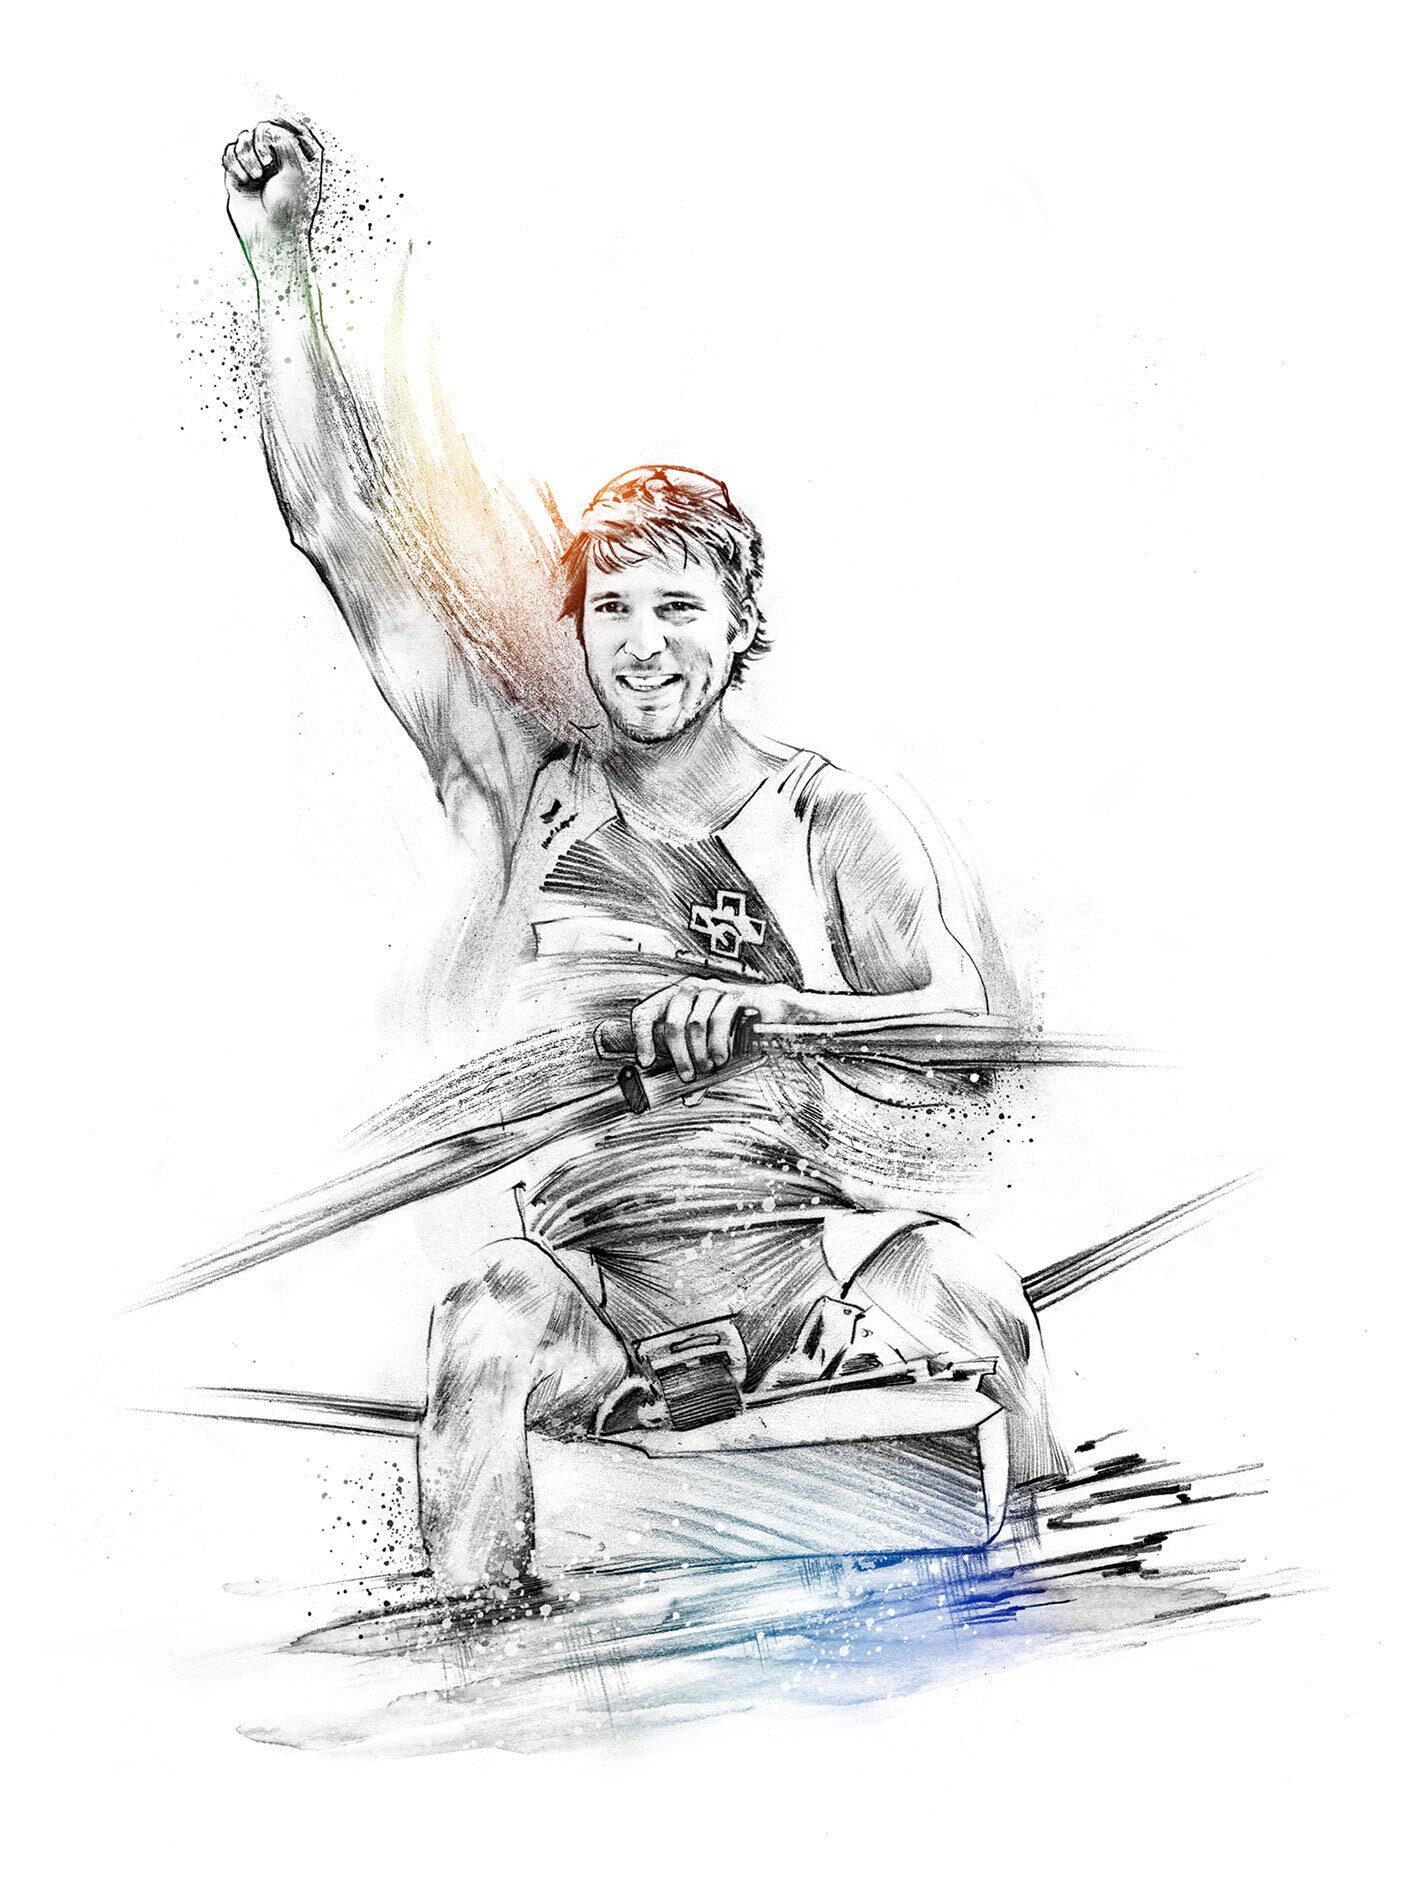 Rudern illustration - Kornel Illustration | Kornel Stadler portfolio